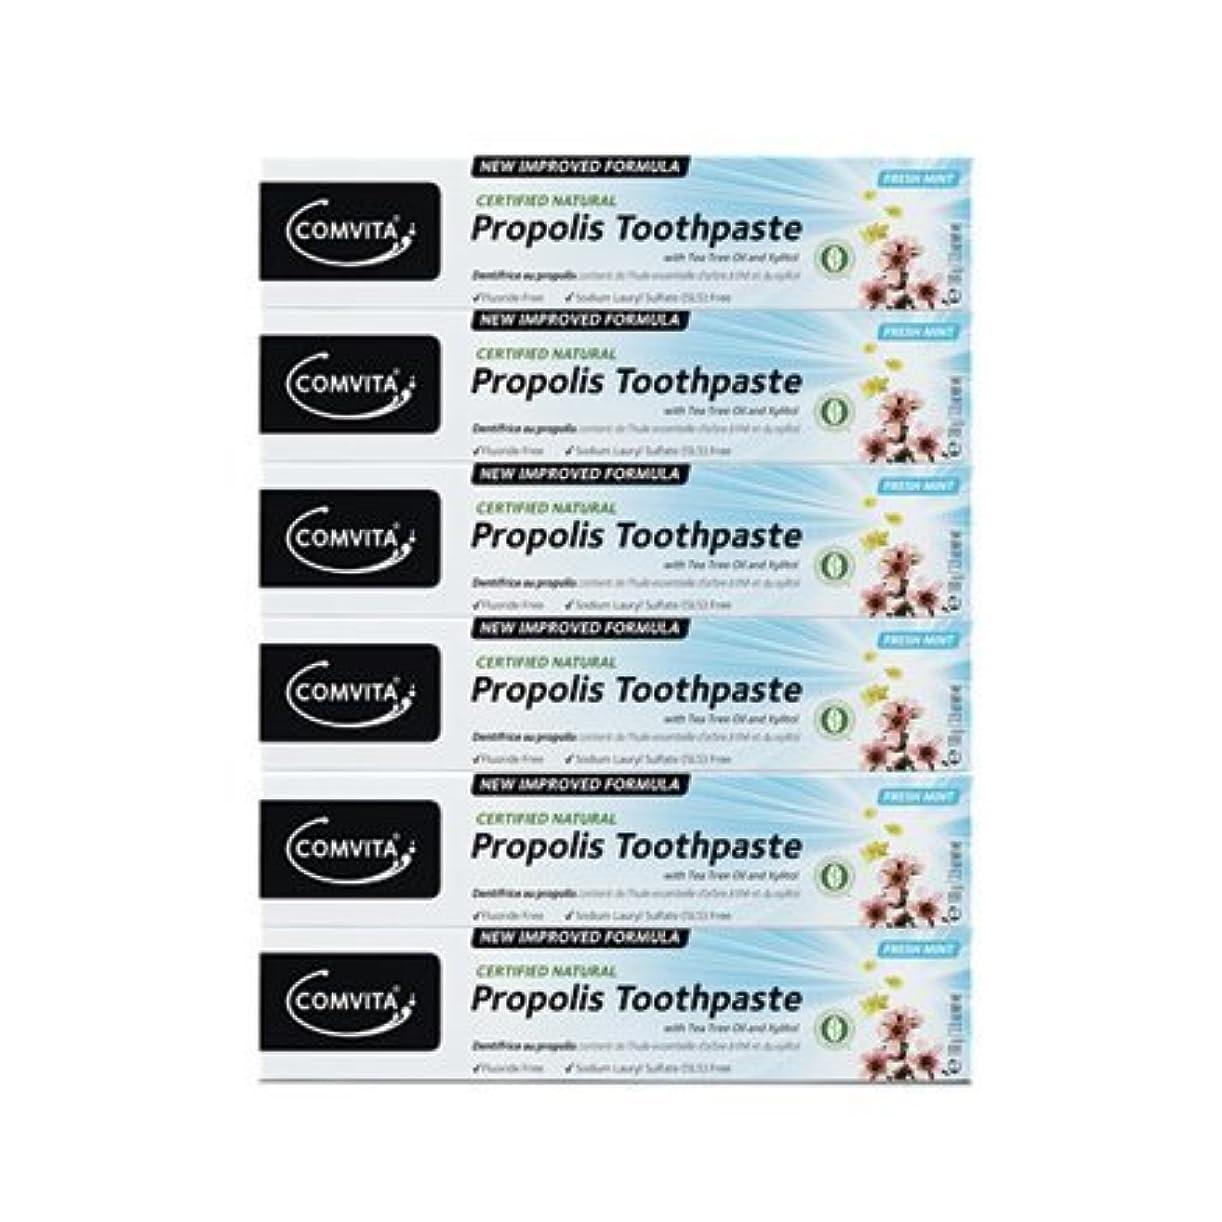 アスレチック整然とした実行可能100% ナチュラル プロポリス 歯磨き粉 6個セット PROPOLIS TOOTHPASTE PACK 100g x 6ea [並行輸入品]